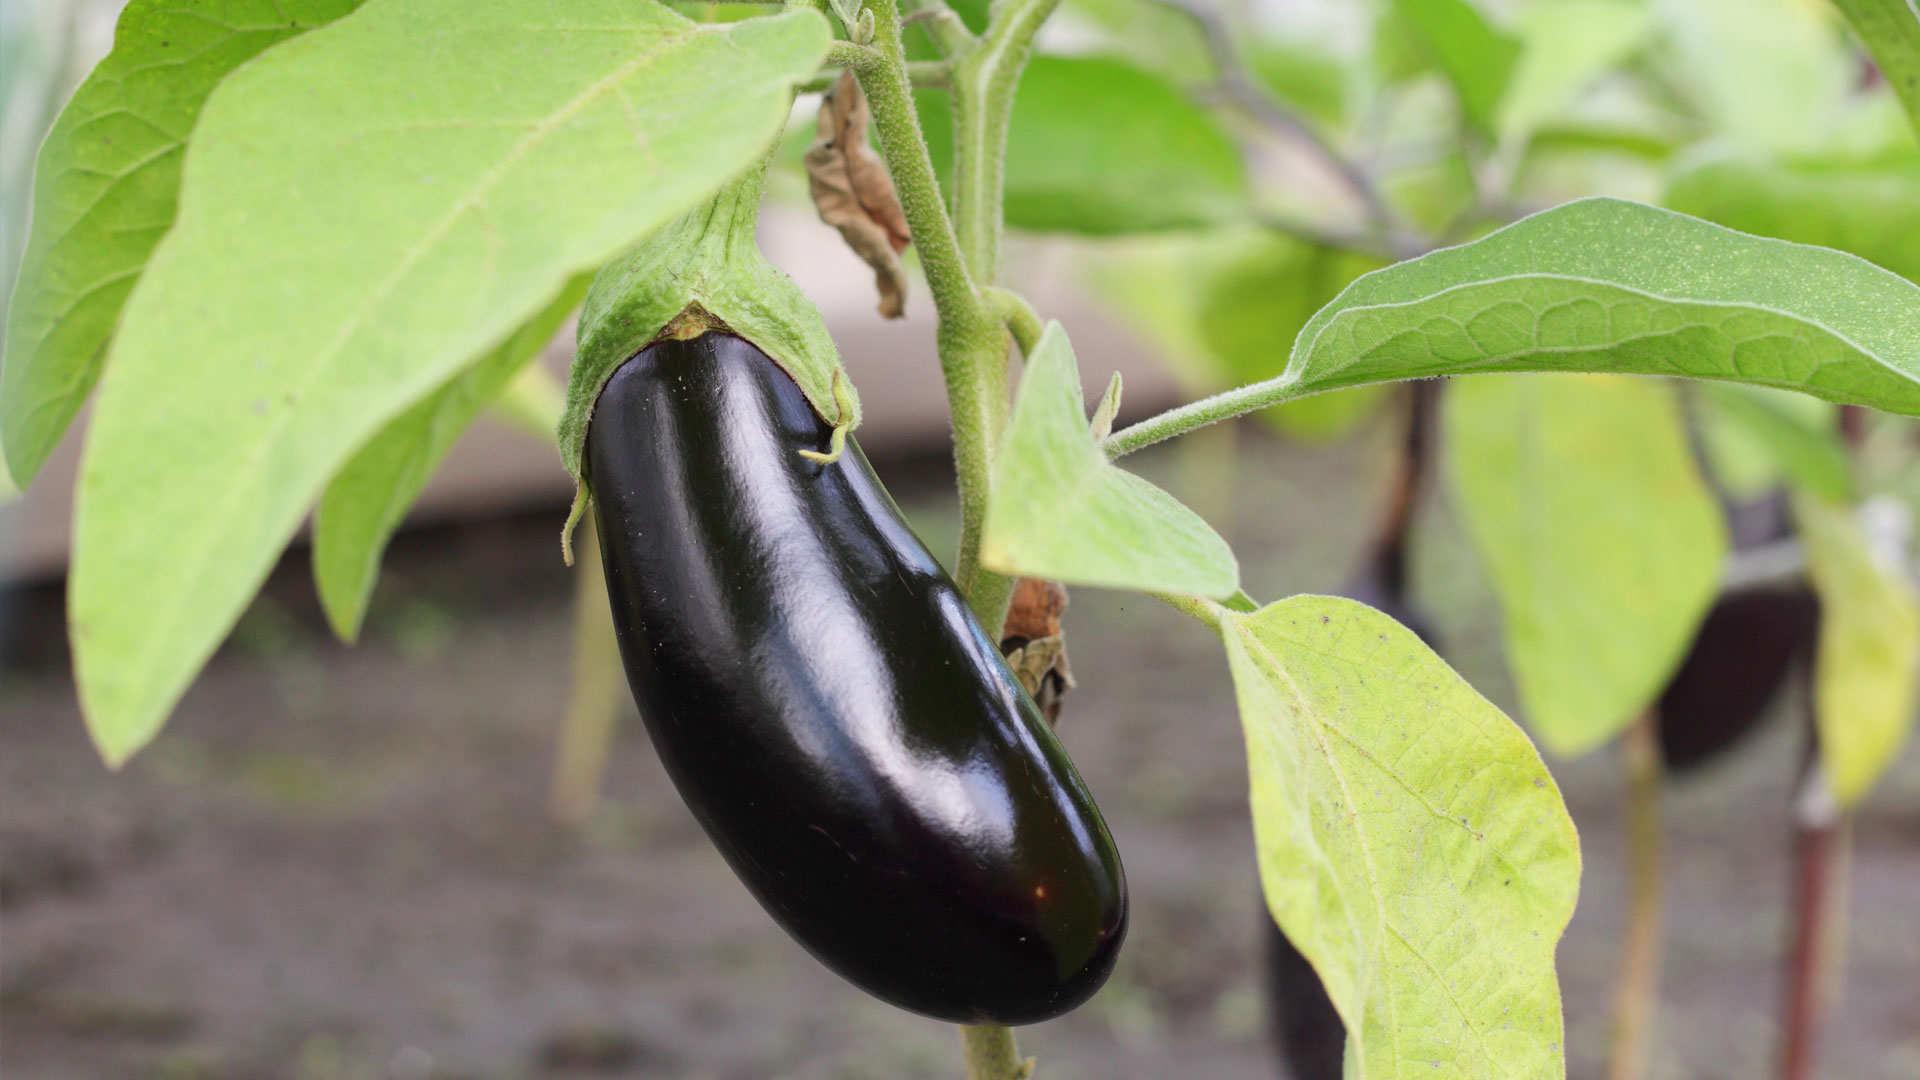 wat aubergines zo gezond maakt | stichting gezondheid